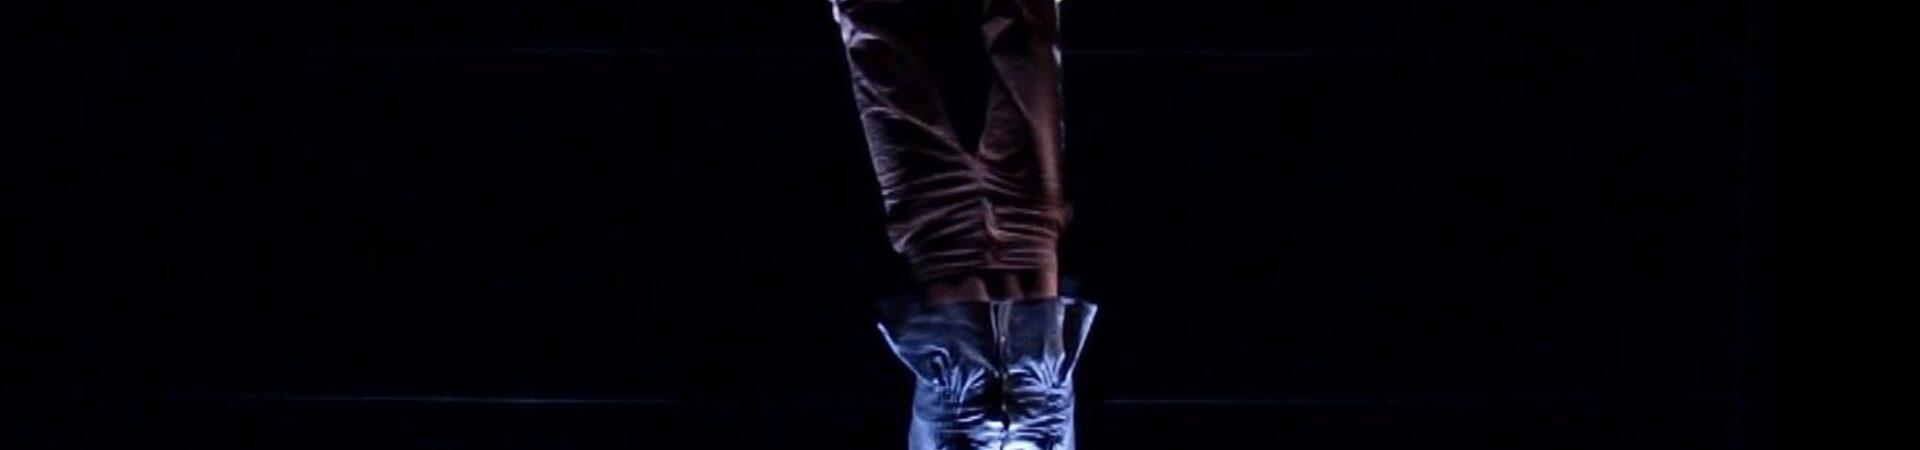 Emergences - Réalisation 2011